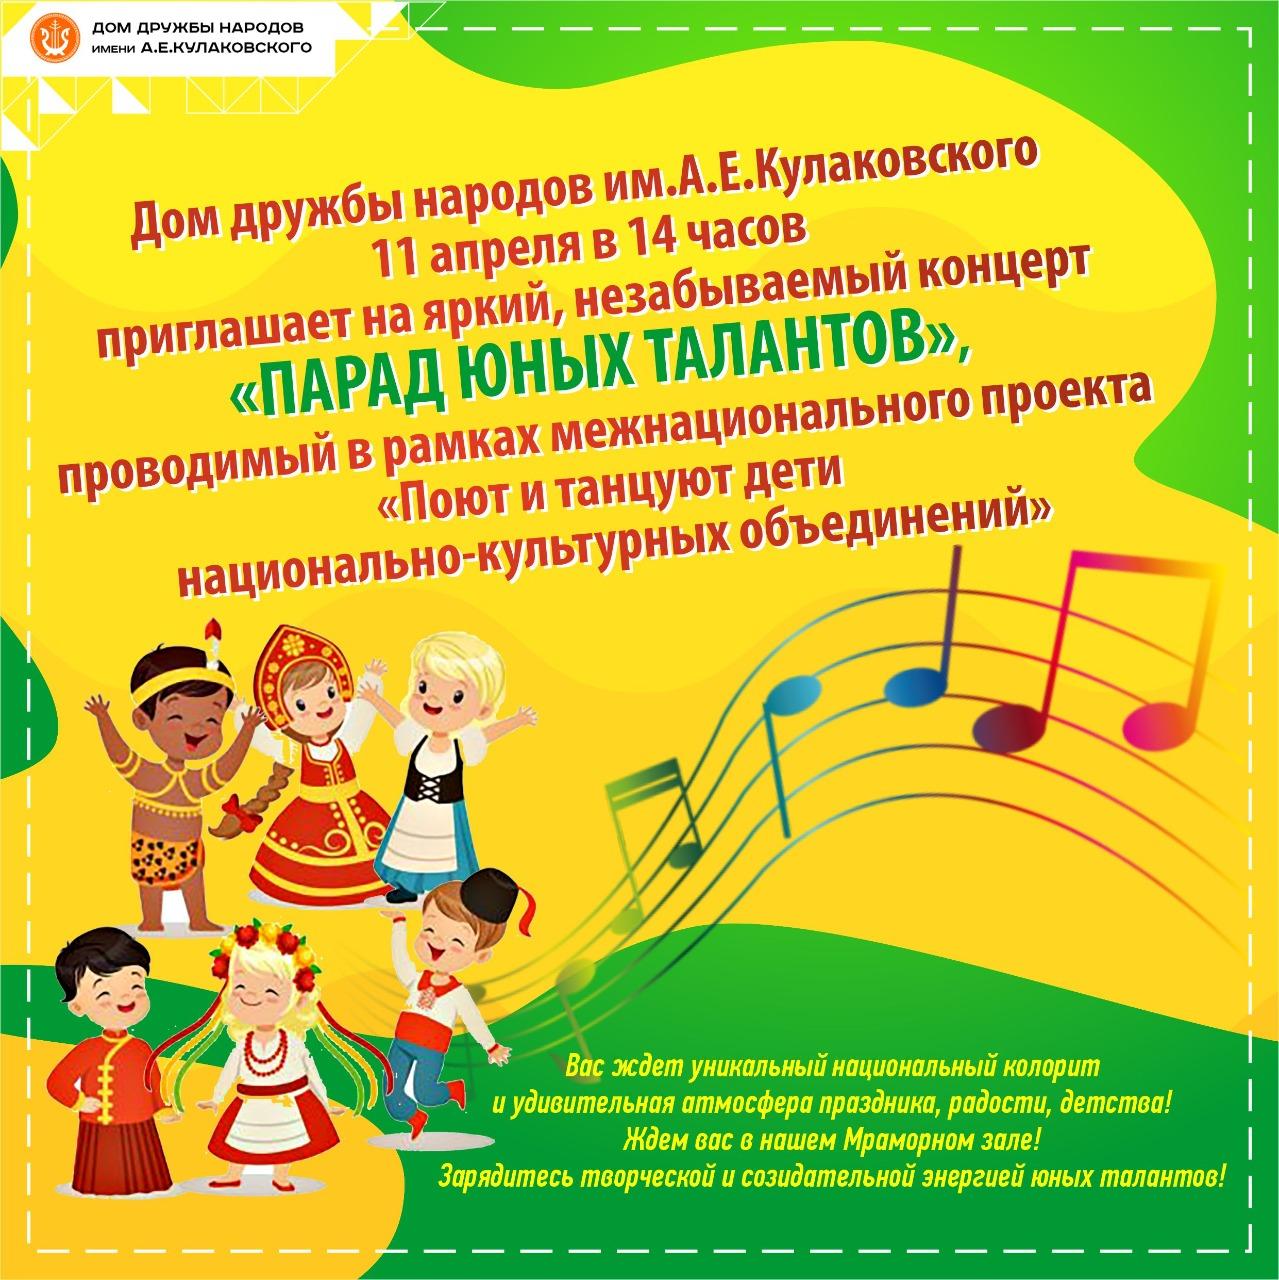 Дом дружбы народов приглашает на яркий, незабываемый концерт «Парад юных талантов»